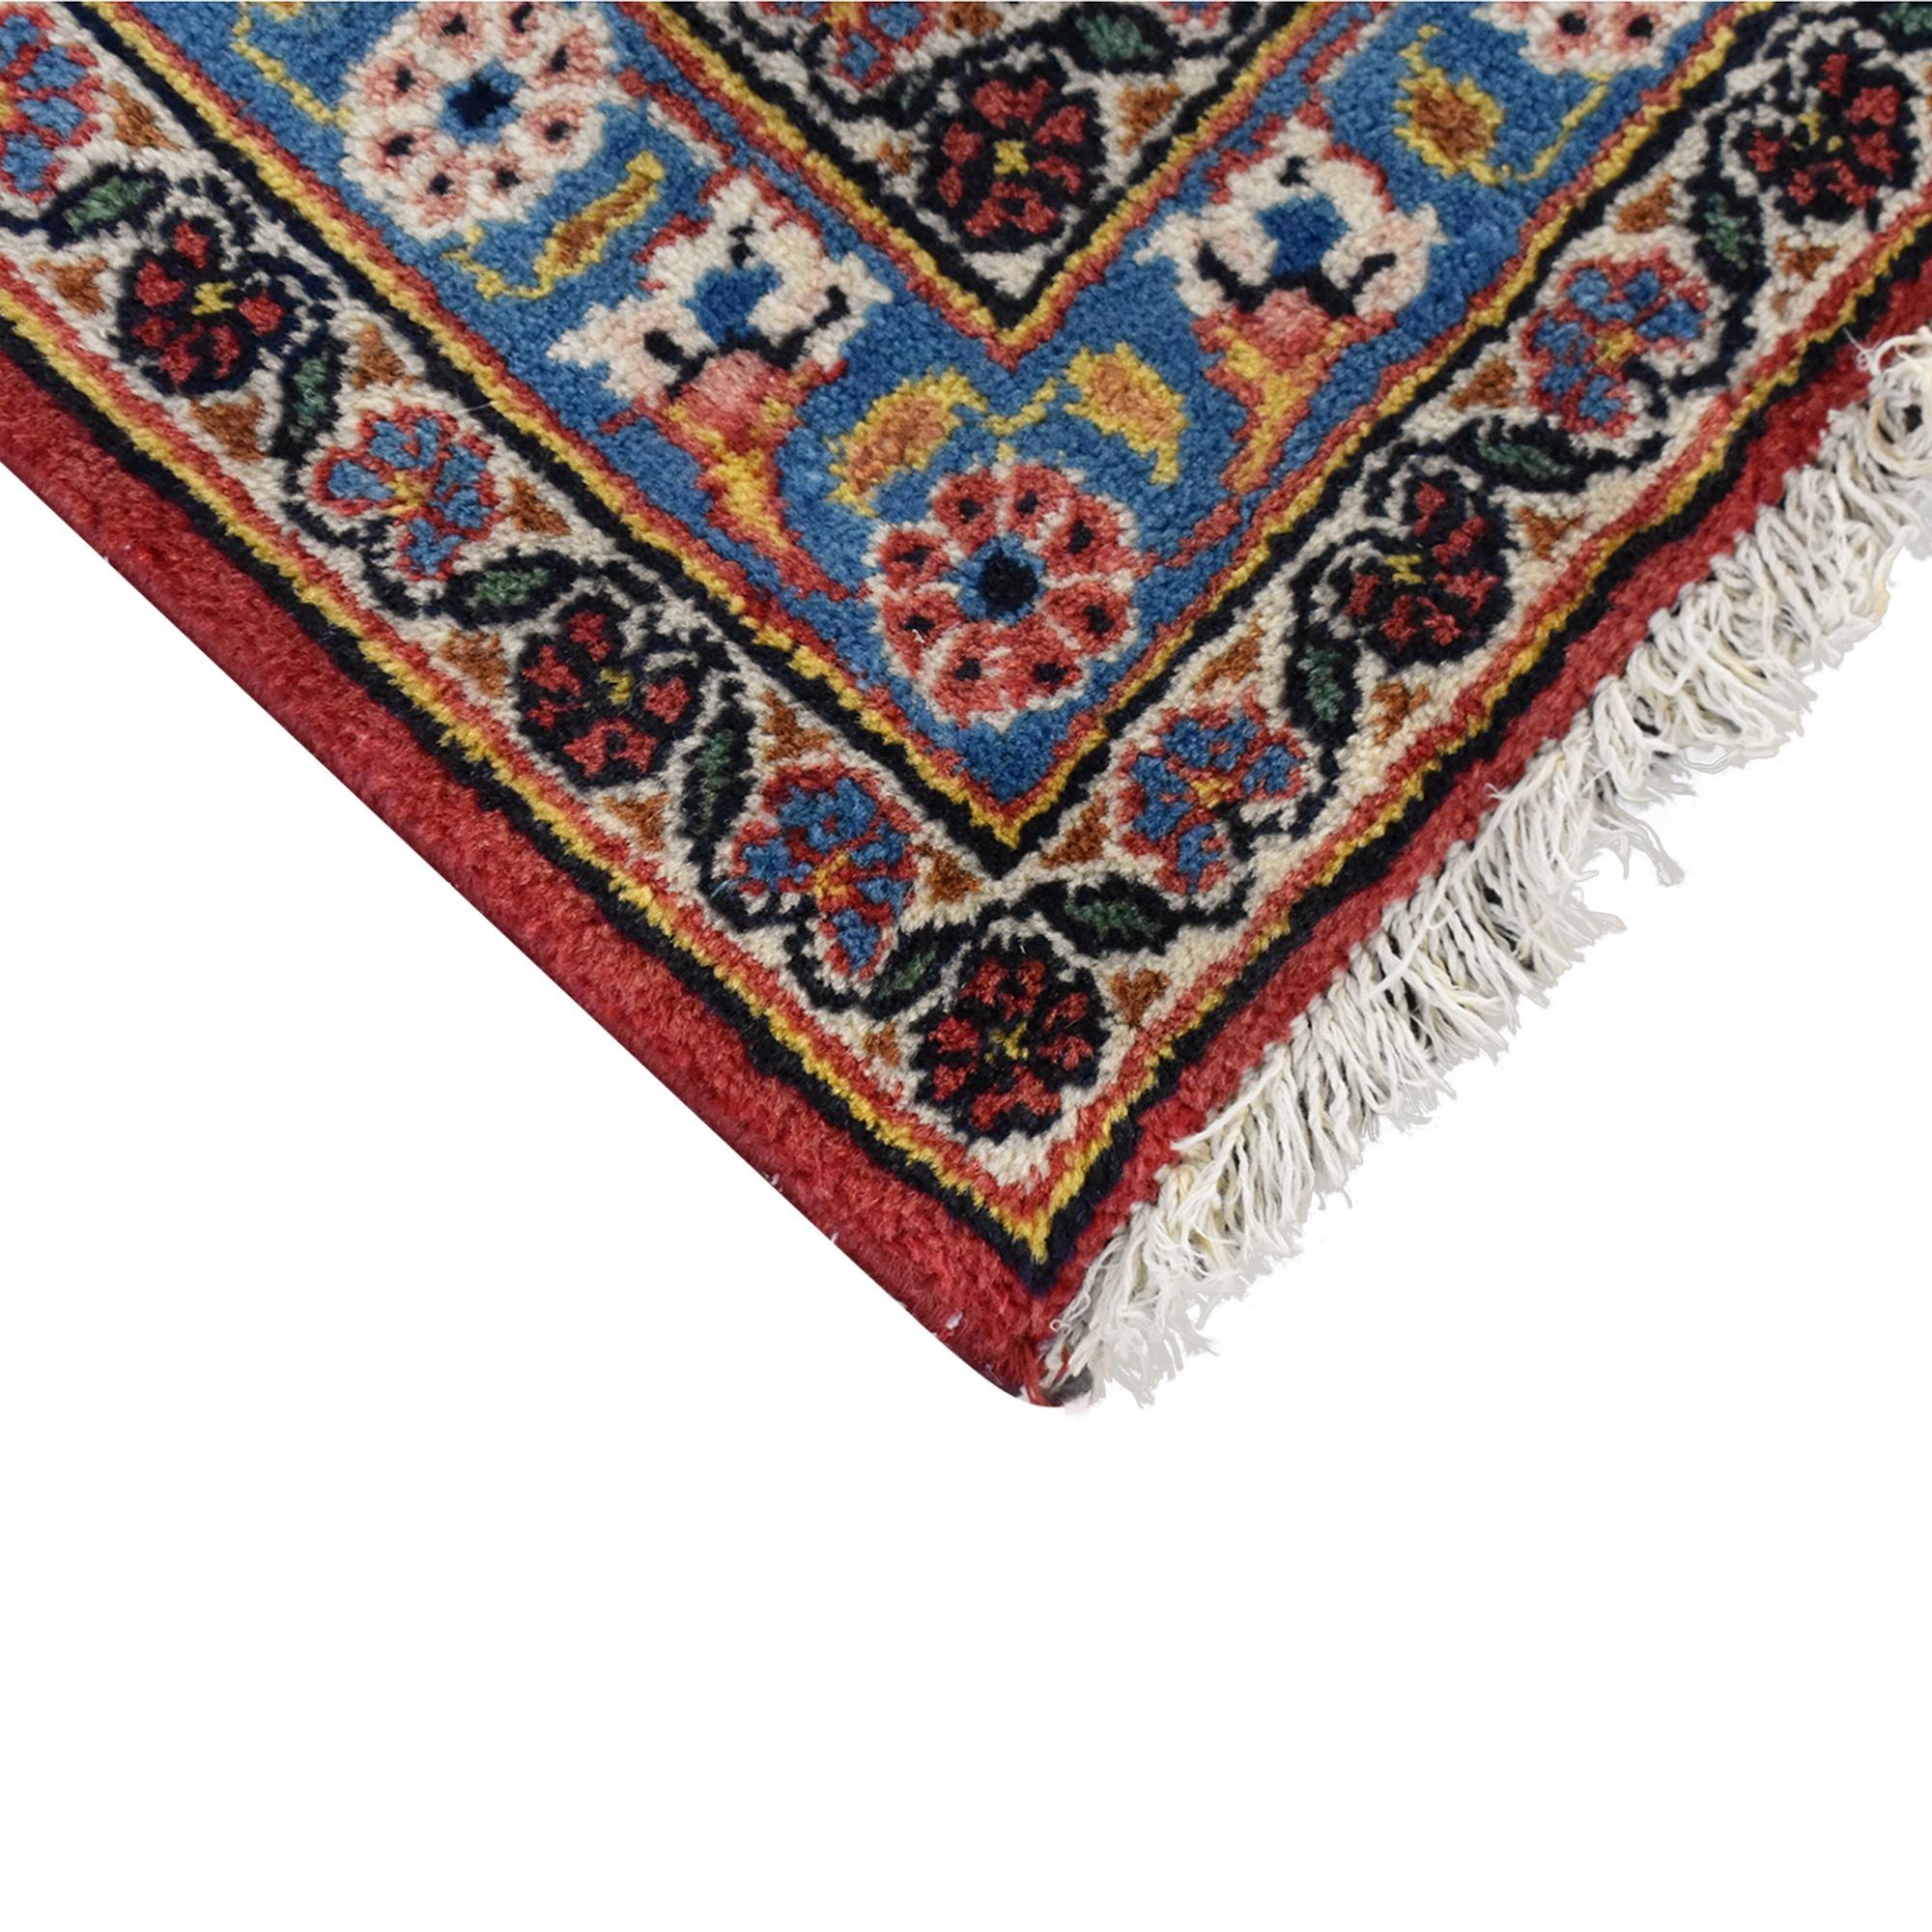 Vintage Kashan-Style Area Rug